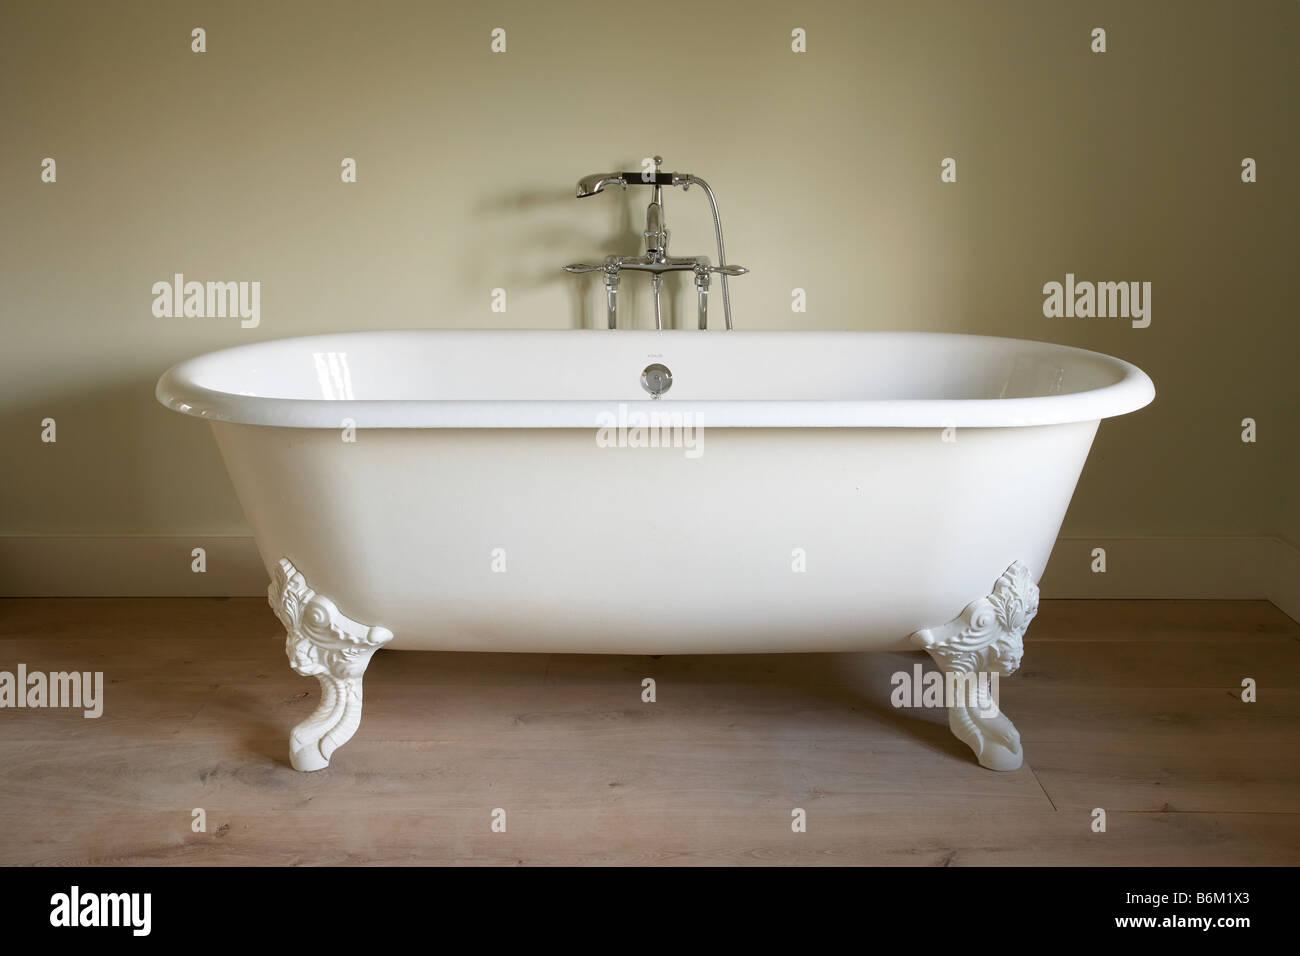 Kohler Vasca Da Bagno : Free standing kohler stile vittoriano vasca da bagno vasca da